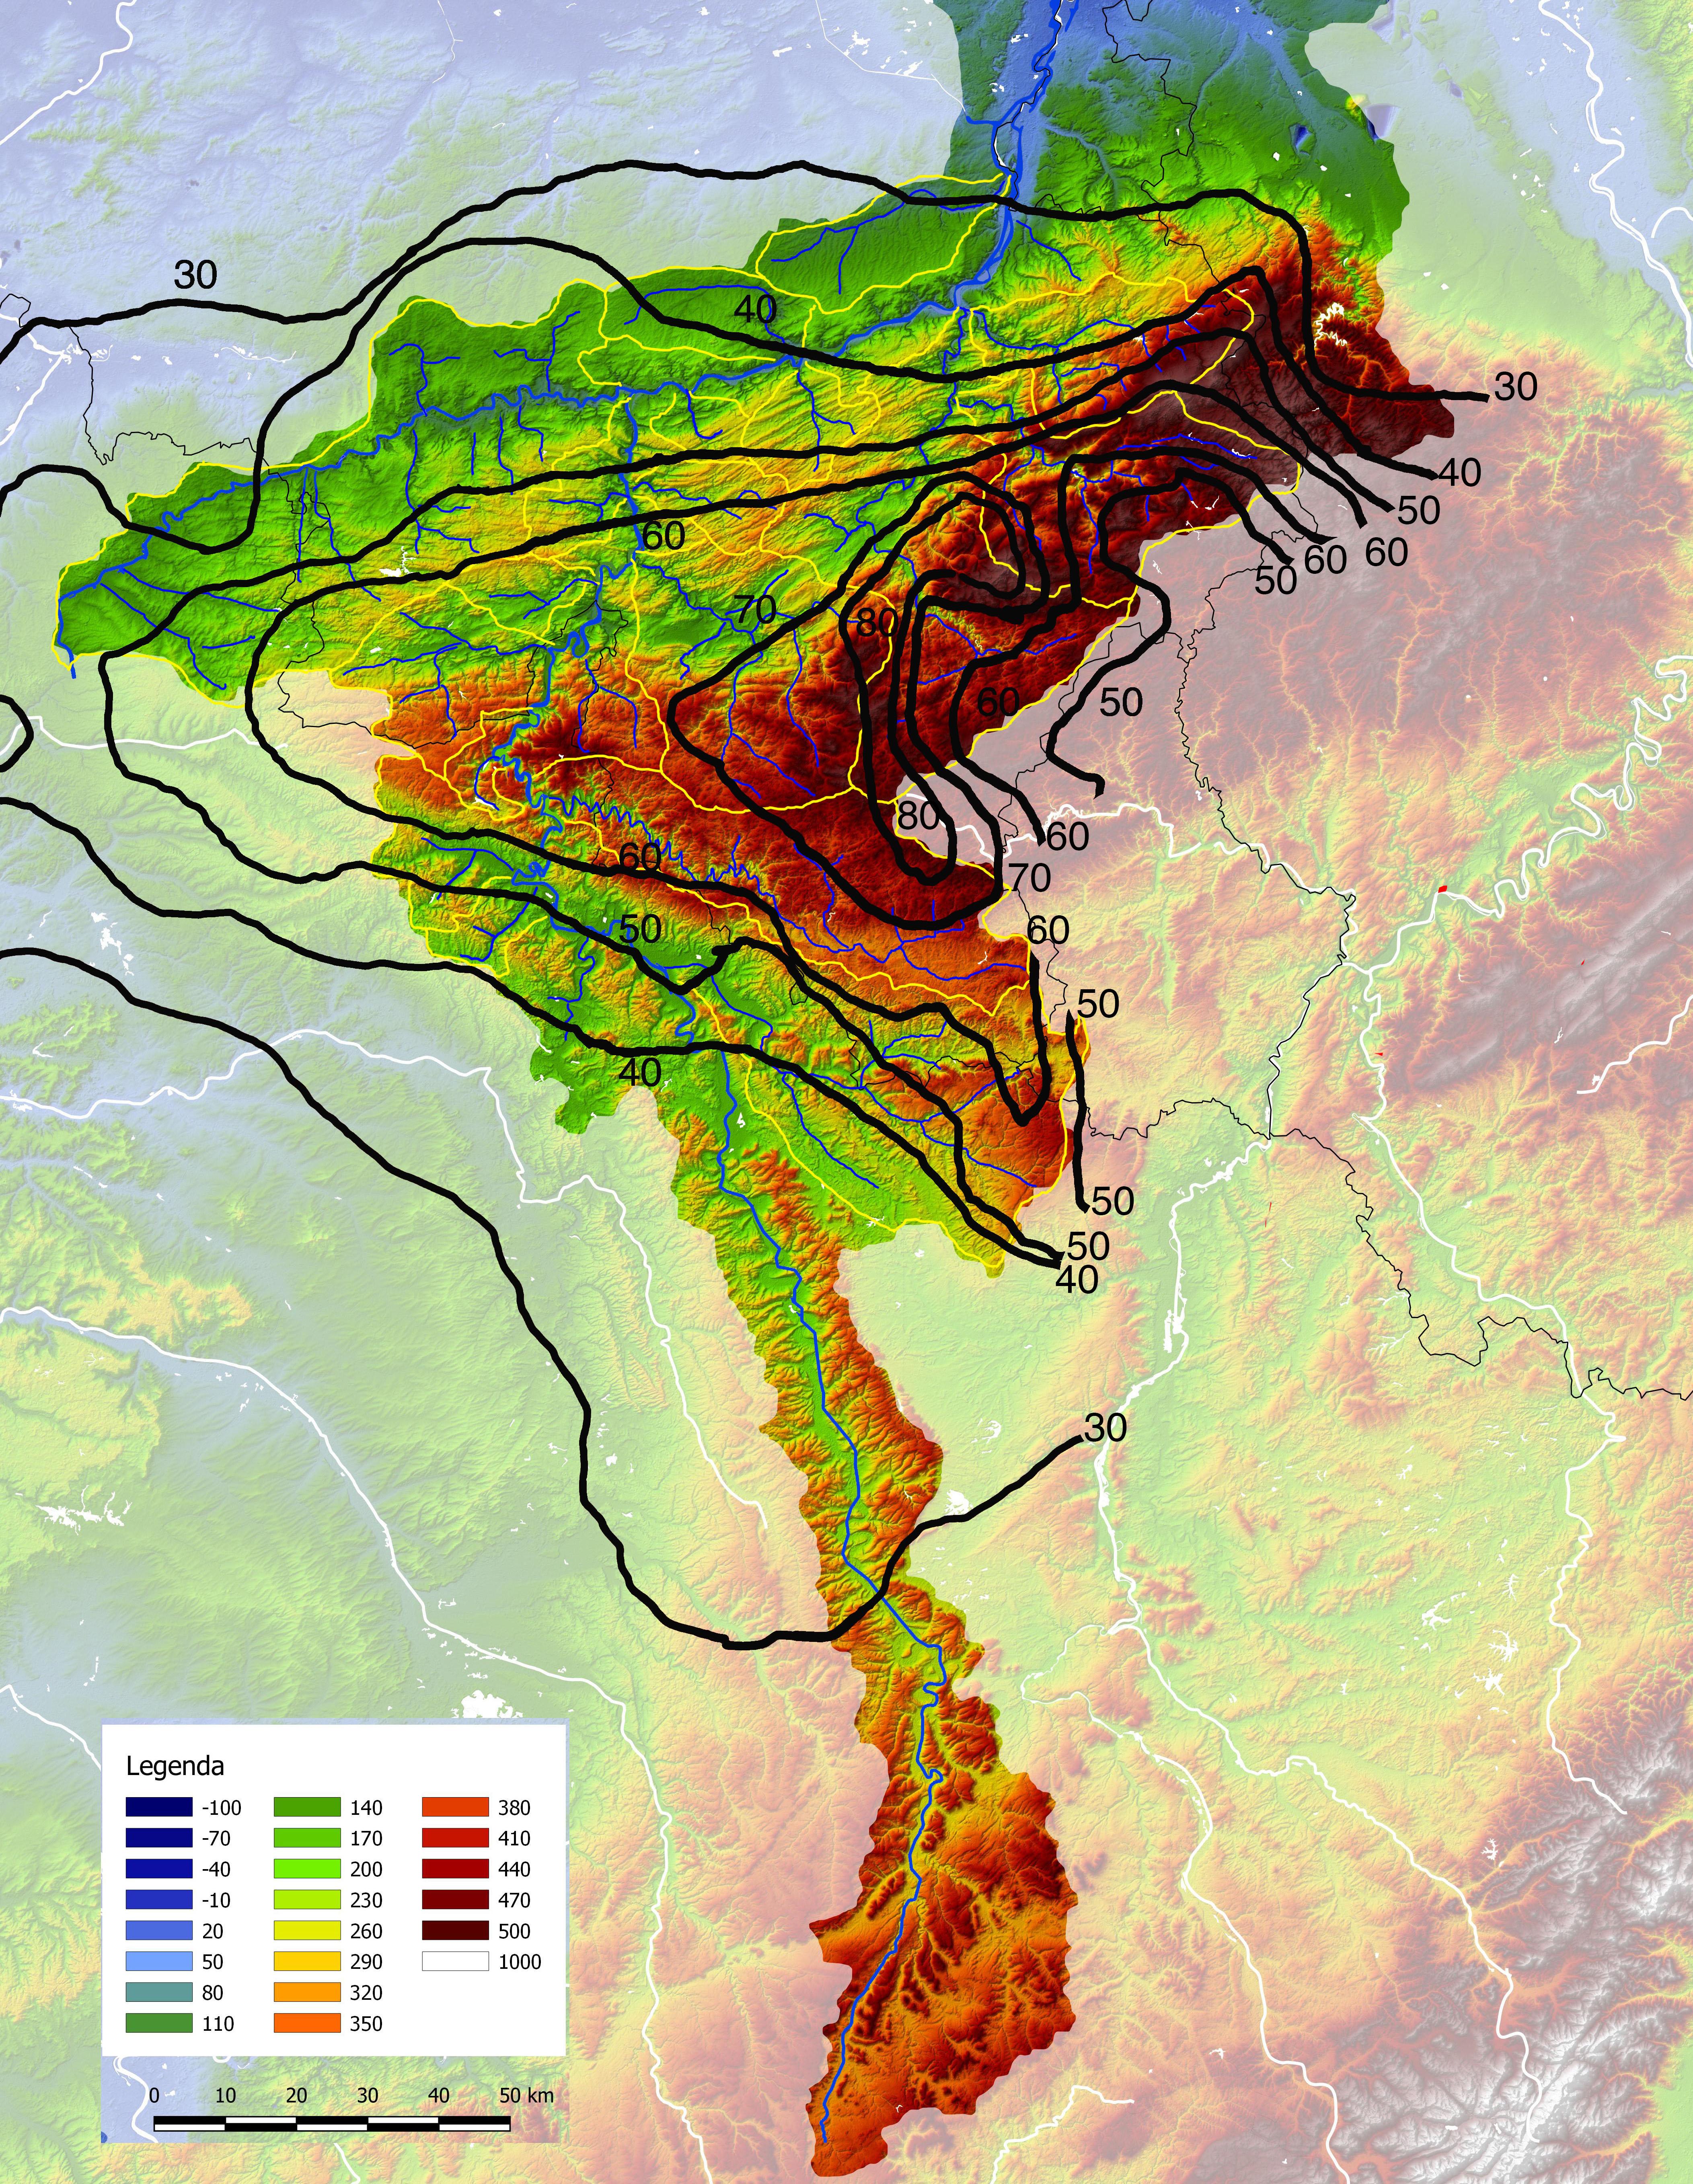 Neerslaghoeveelheden van 21 t/m 24 dec in stroomgebied Maas